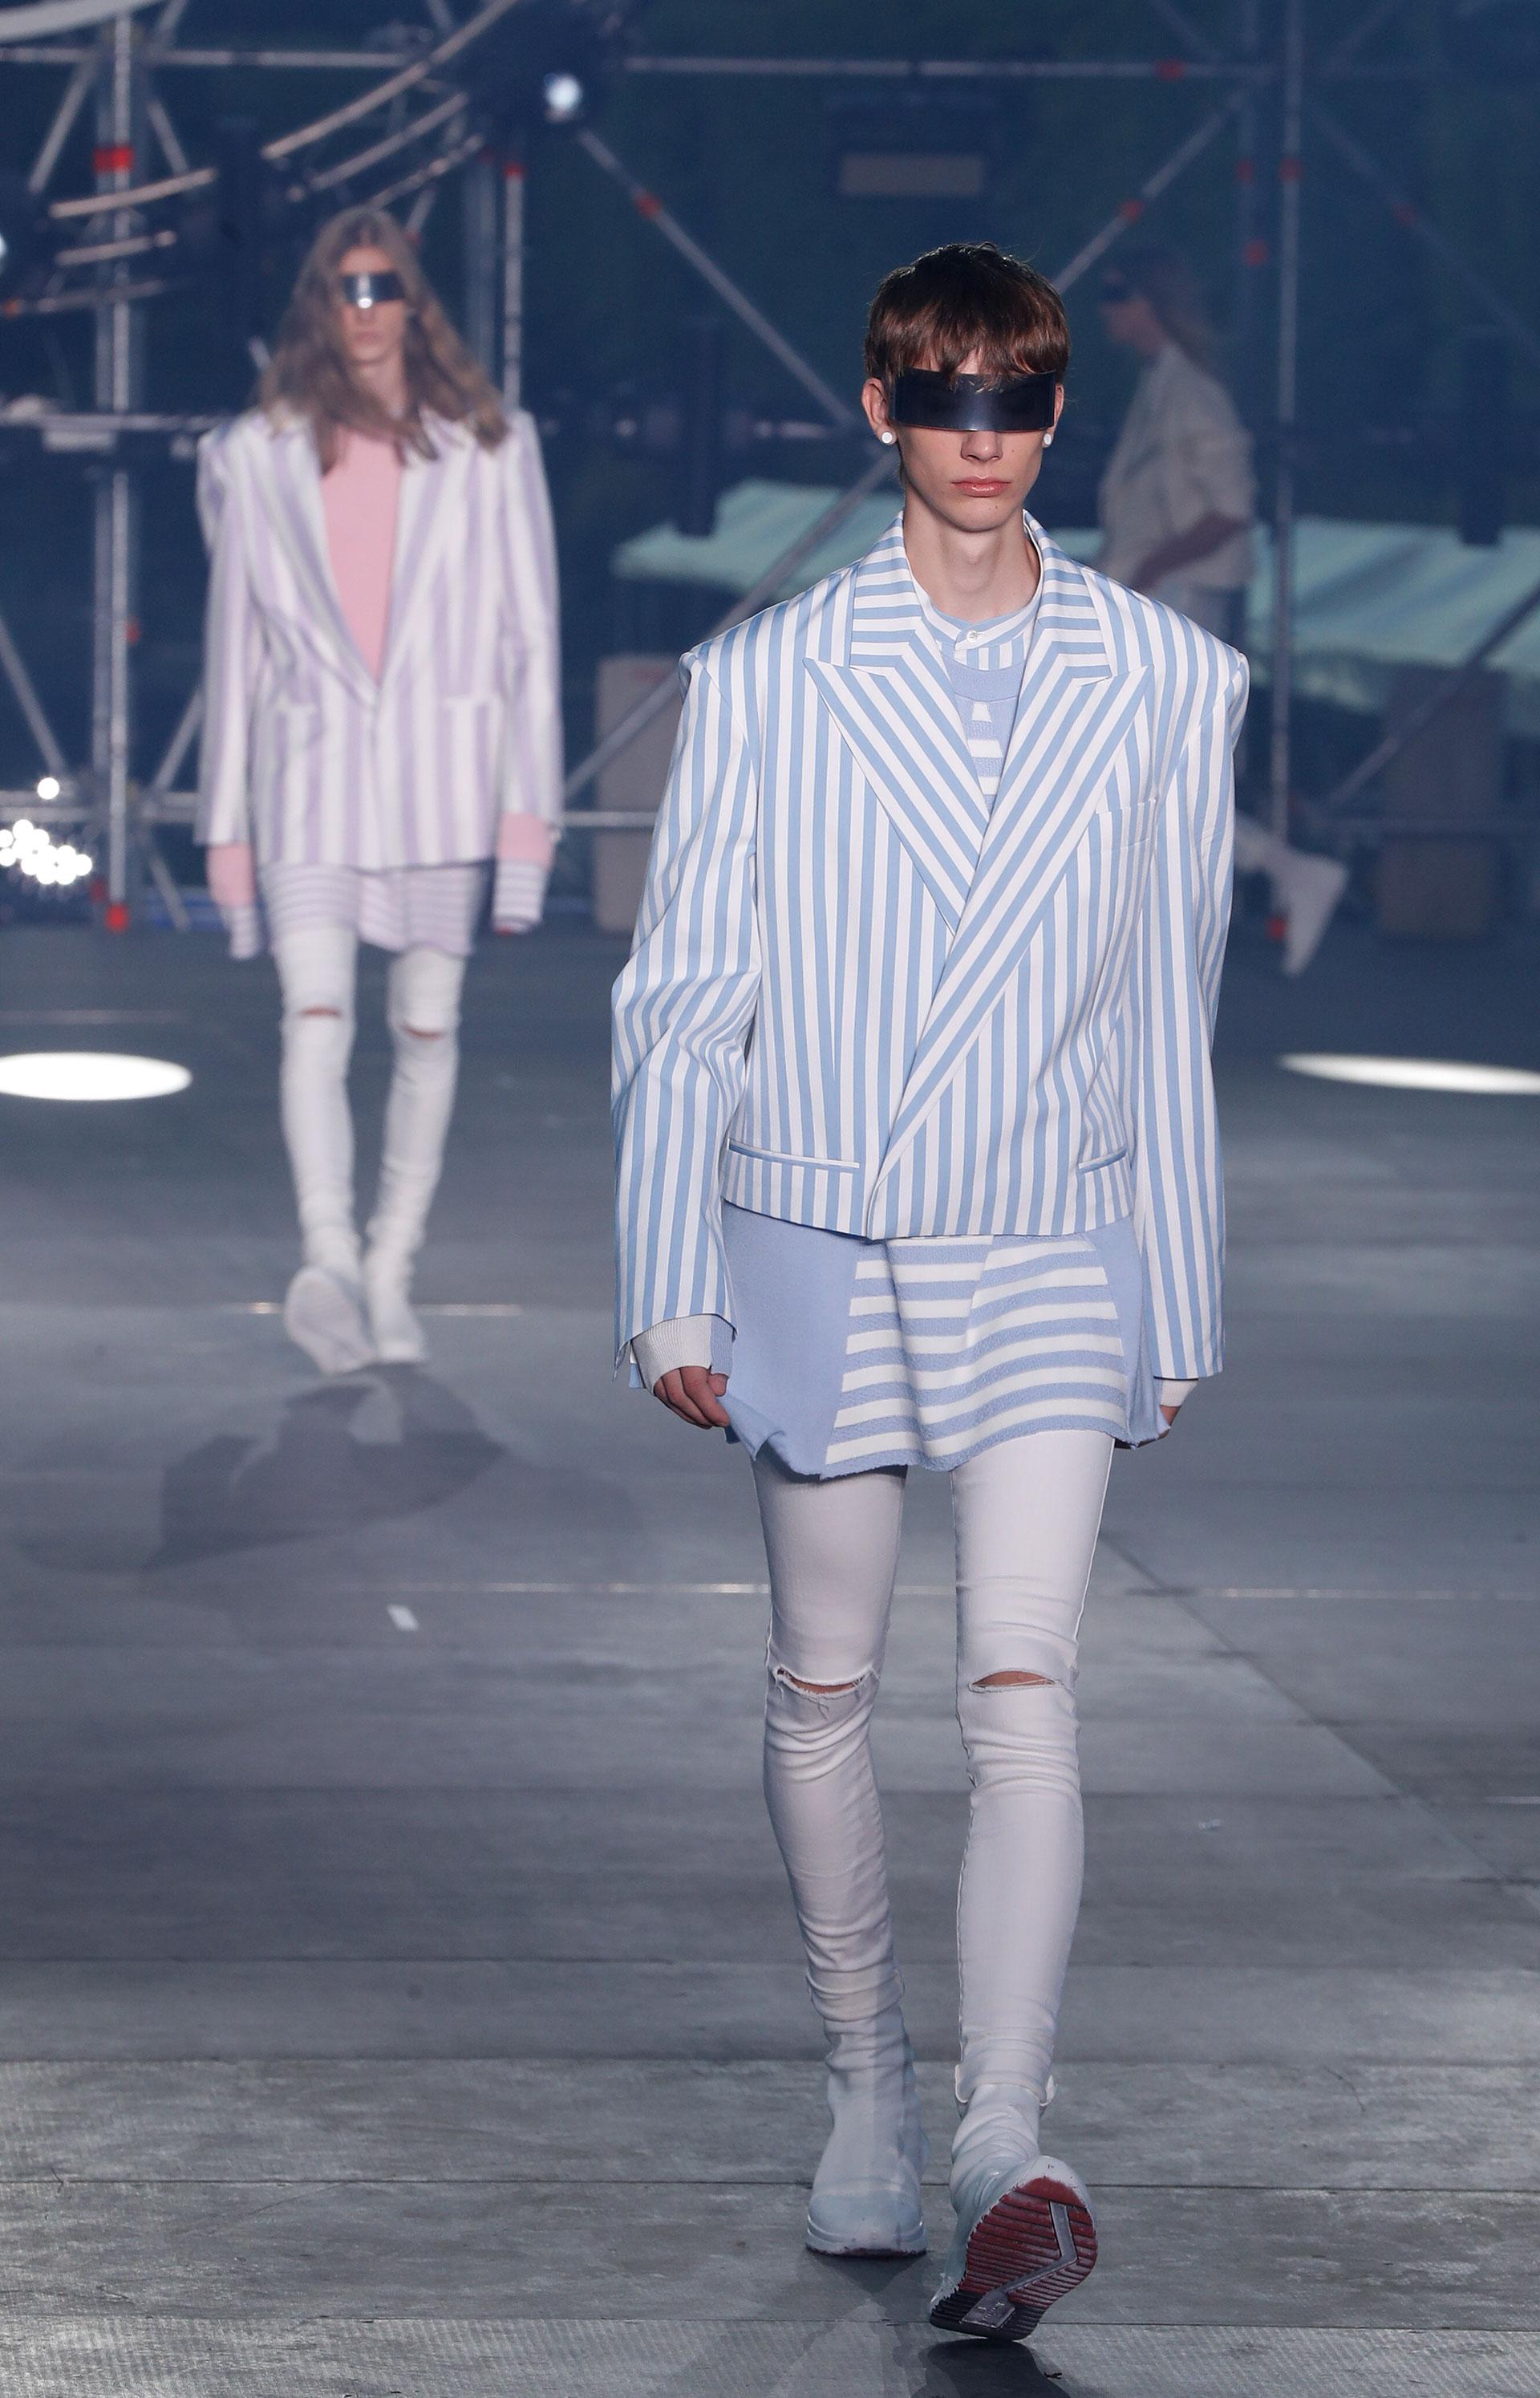 Los colores pasteles fueron los principales protagonistas de la firma parisina Balmain. Sacos rayados combinados con pantalones de jeans blancos fueron la tendencia presentada en el marco de la semana de la moda de hombres